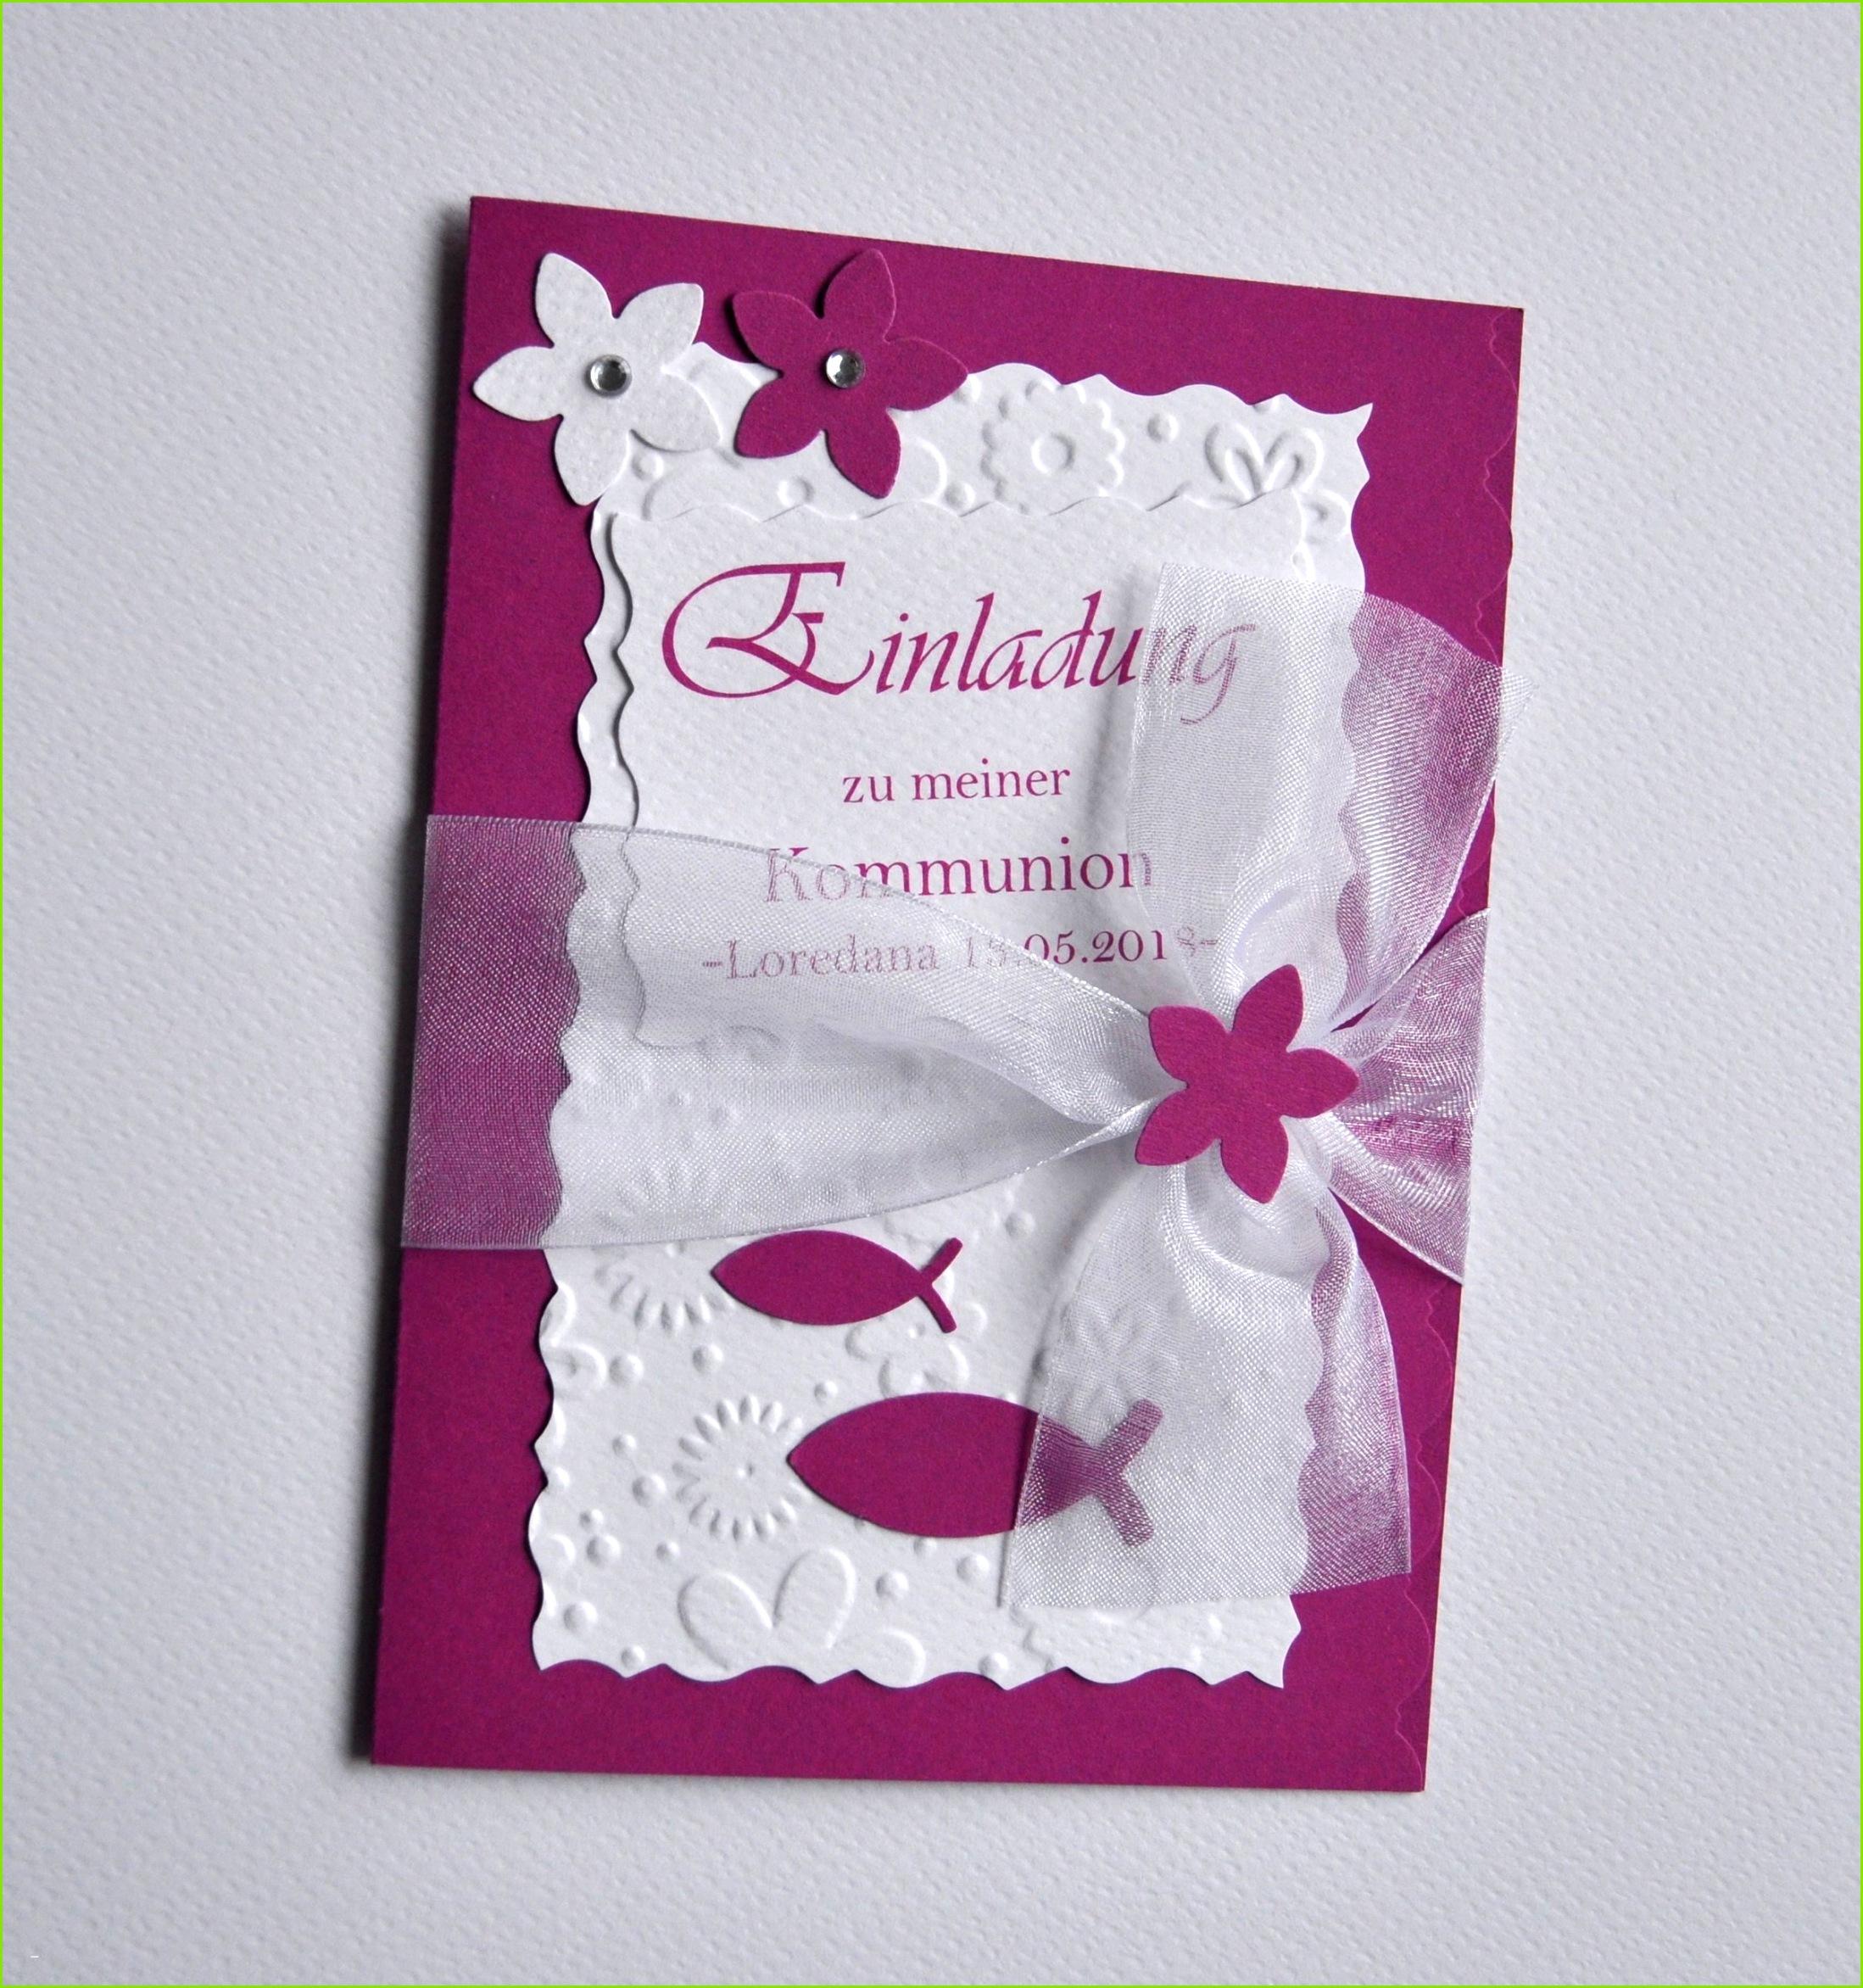 Kommunion Einladungskarten Dankeskarten Firmung Sammlungen Einladungskarten Einladungskarte kommunion einladungskarten 0D